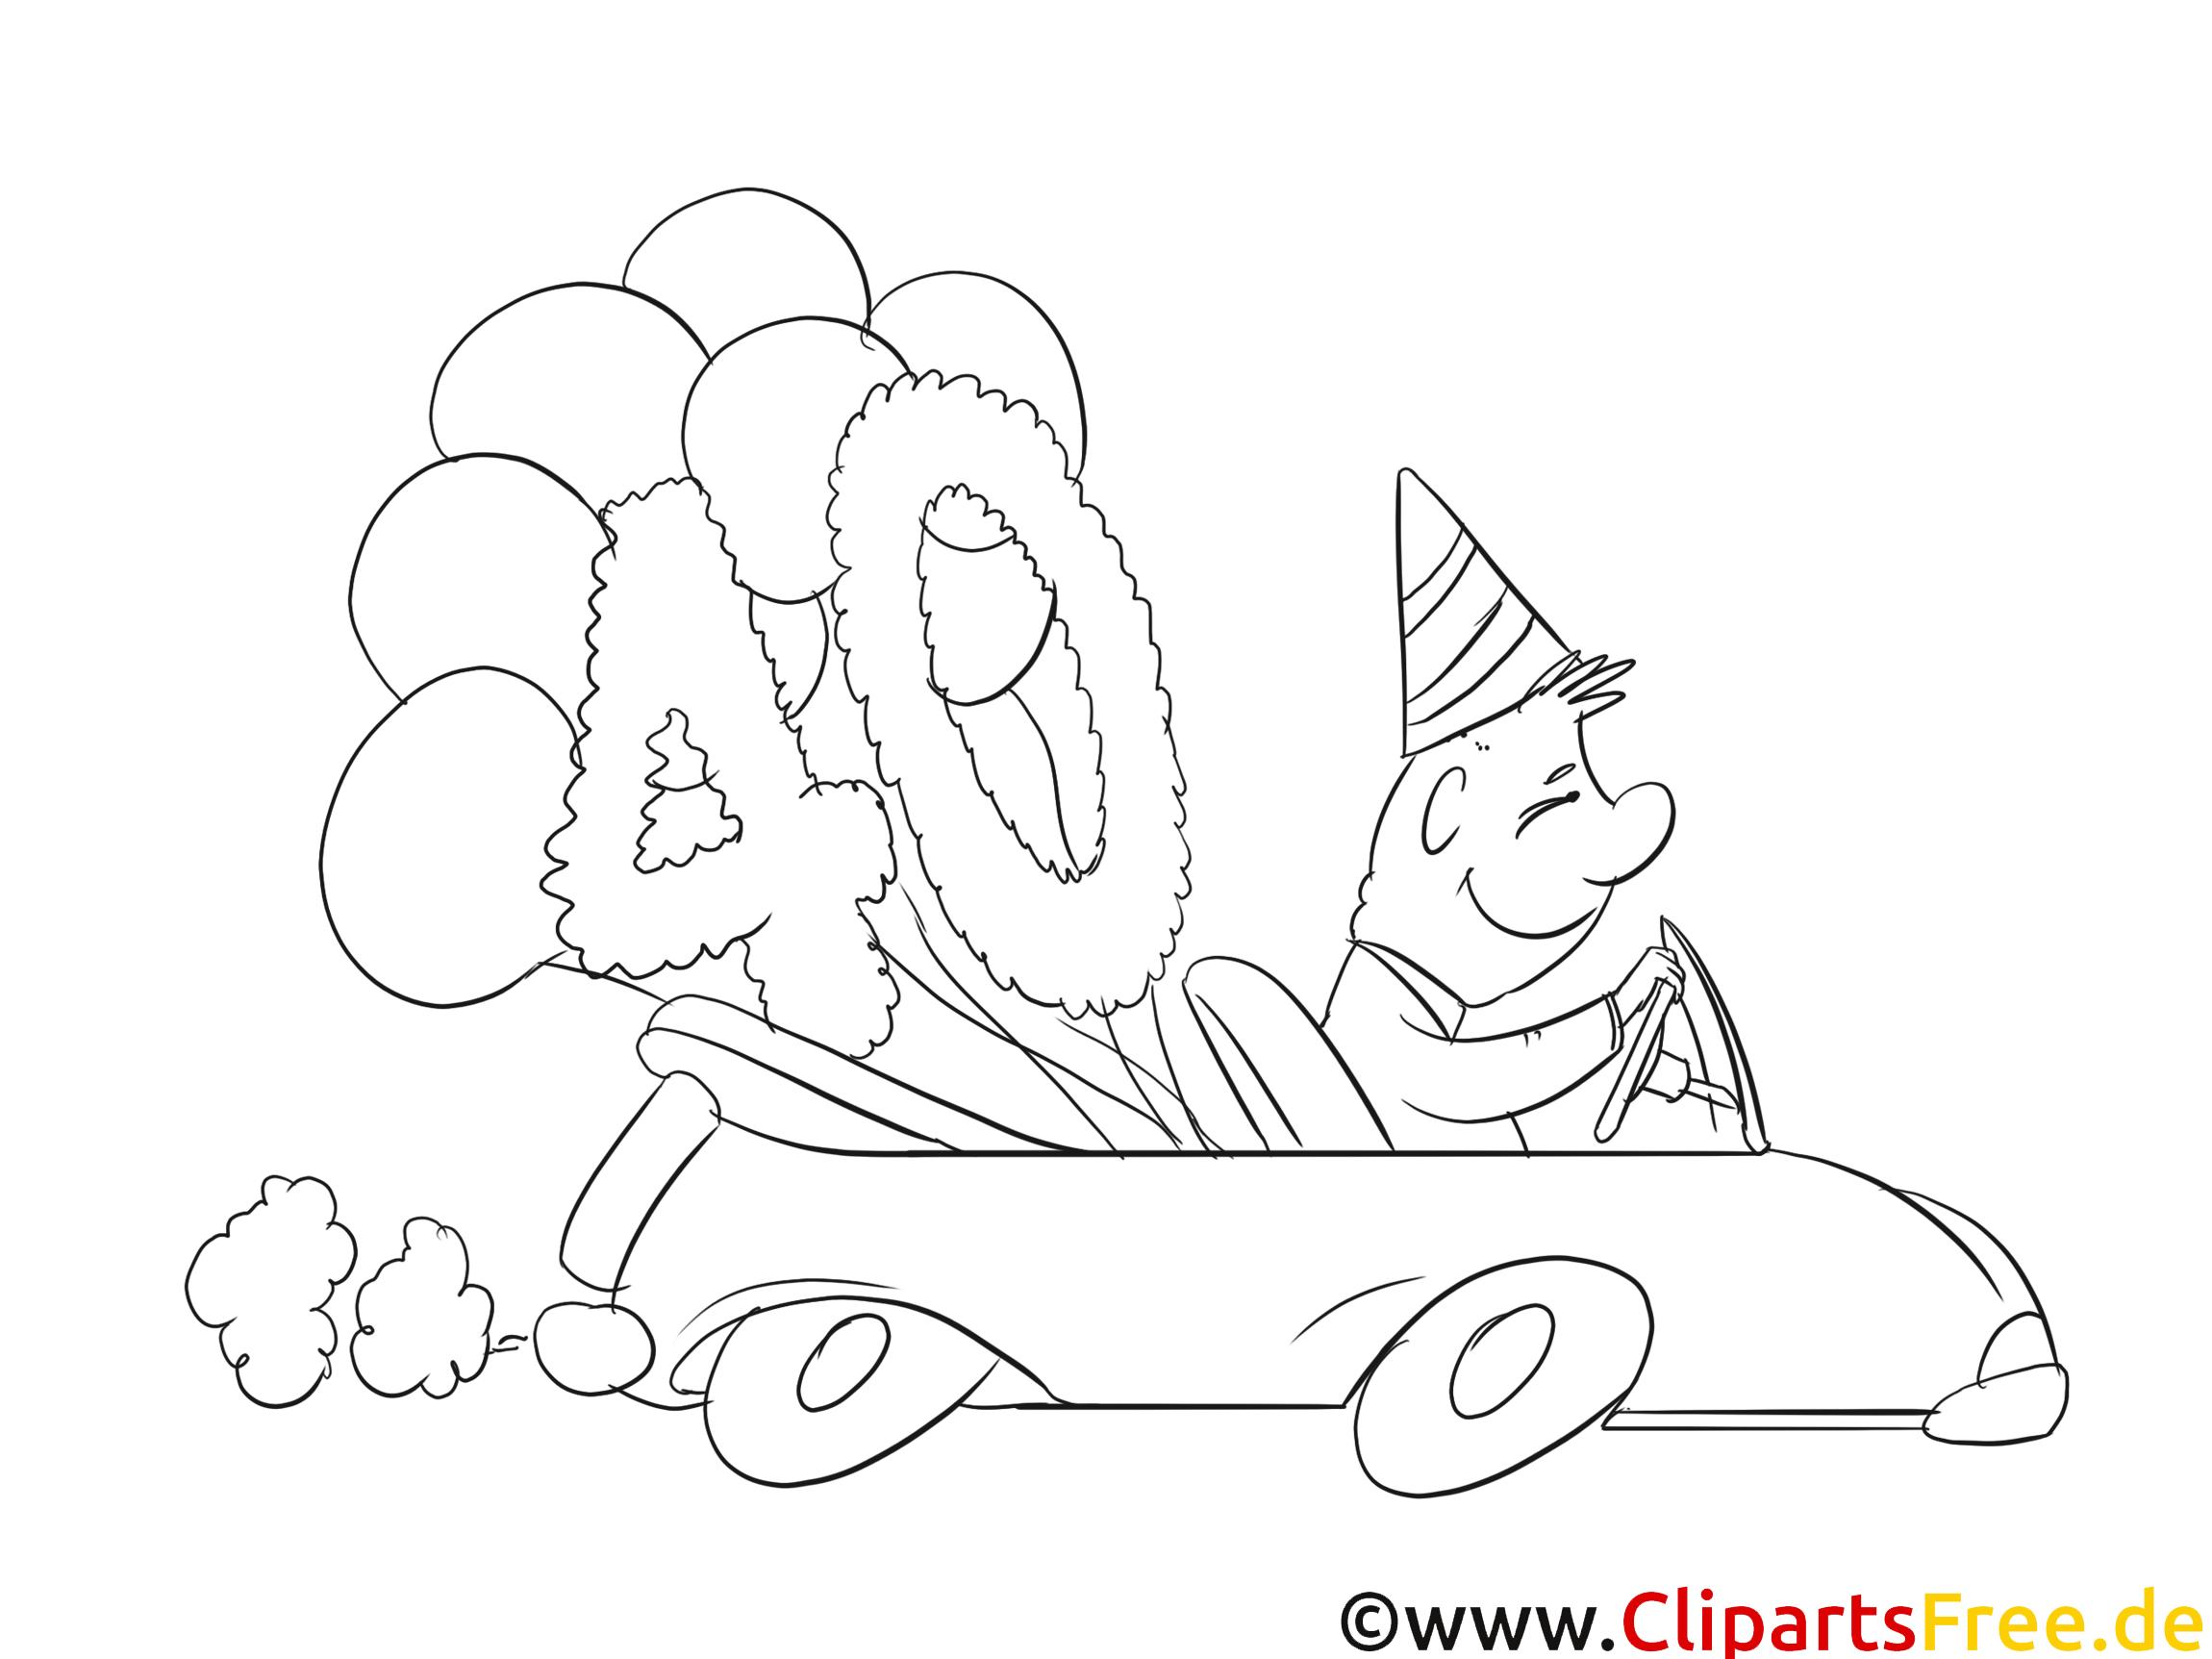 Bild Zum 40 Geburtstag Zum Ausmalen Bilder 40 Geburtstag Geburtstag Bilder Ausmalen